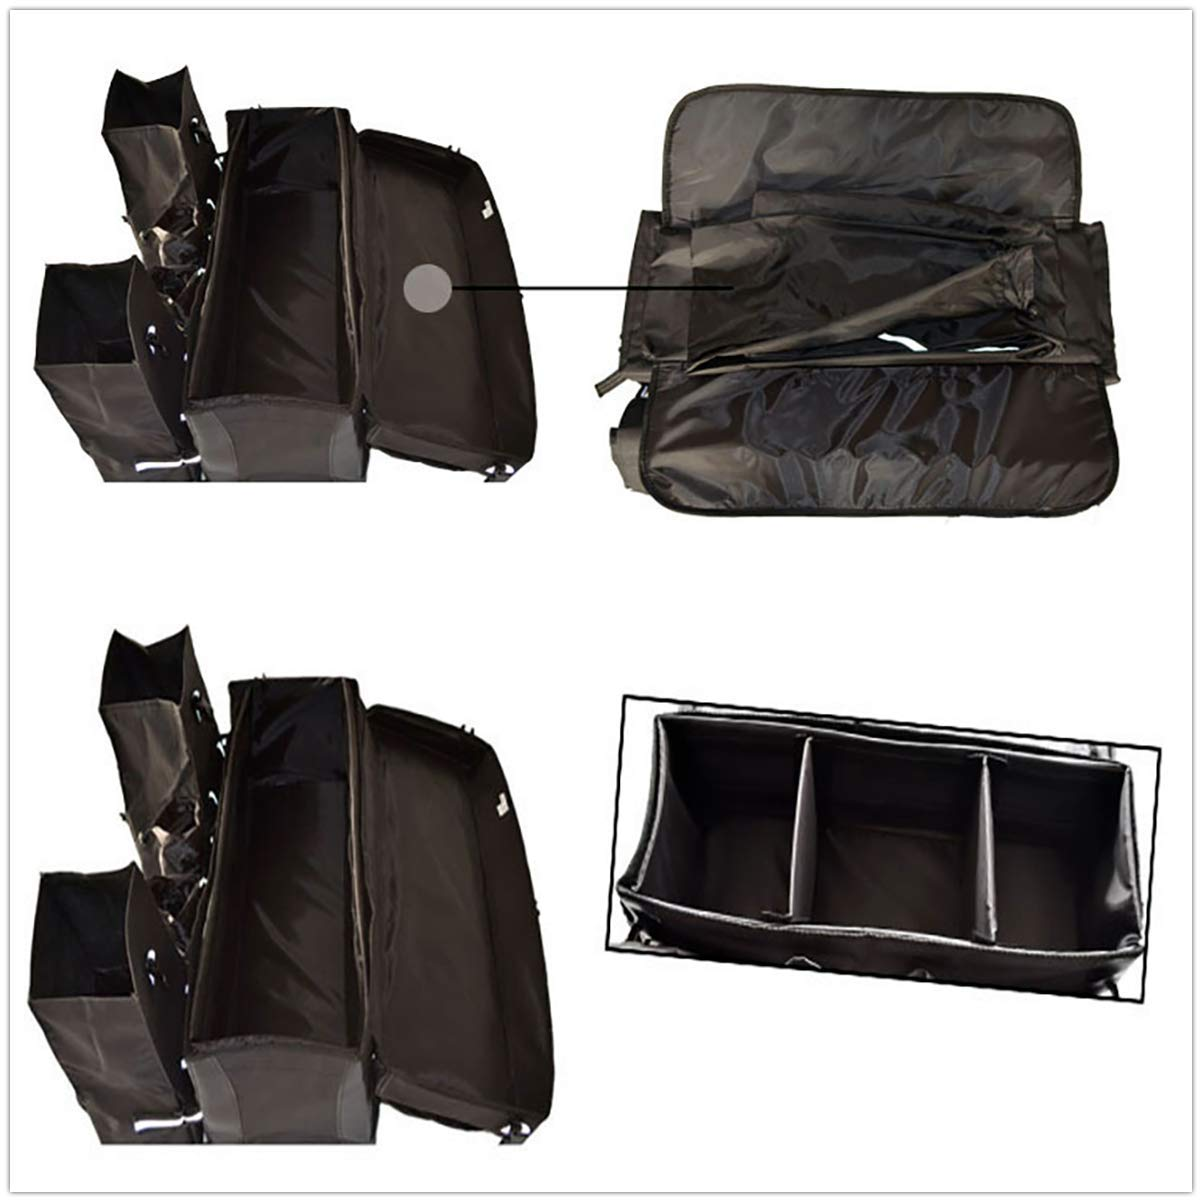 Sport Tent ATV Quad Tasche Hinten wasserdichte Gep/äcktasche Universal Quad Koffer Softtasche Abnehmbare Zusatztaschen R/ücksitztasche Gep/äcktr/ägertasche Schwarz